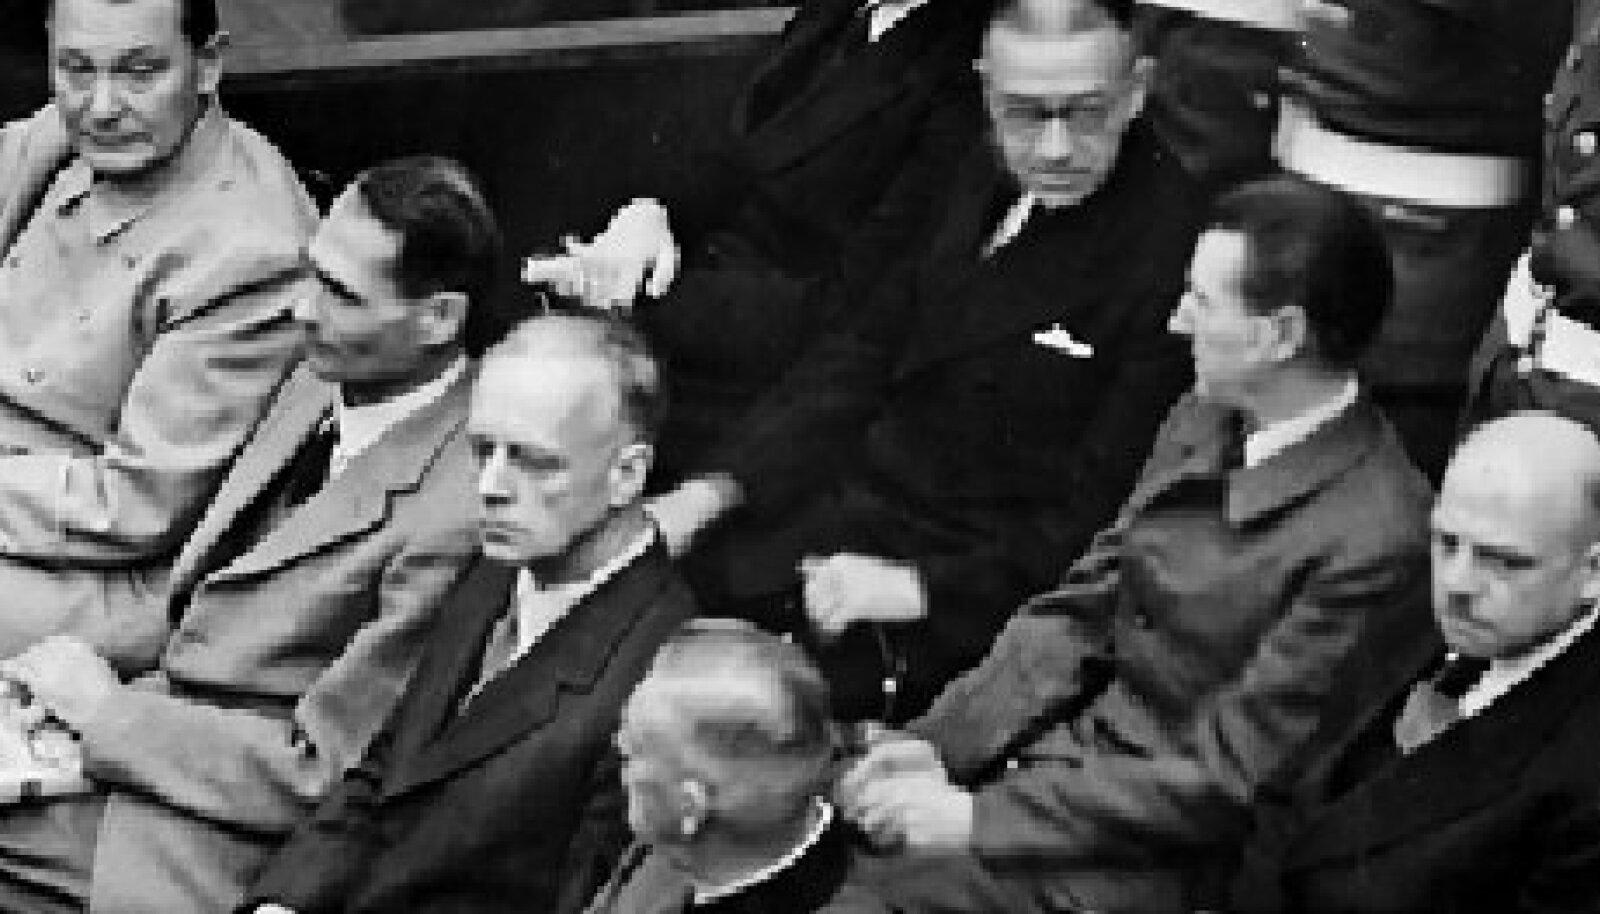 Aili Helmi nime all ilmunud romaanid nõuavad oma tegelaste suu kaudu, et Nõukogude võimu üle kohut mõistetaks. Selliste õigusemõistmiste eeskuju on loonud Nürnbergi protsess (1945–1946) (pildil kohtualused natsid).